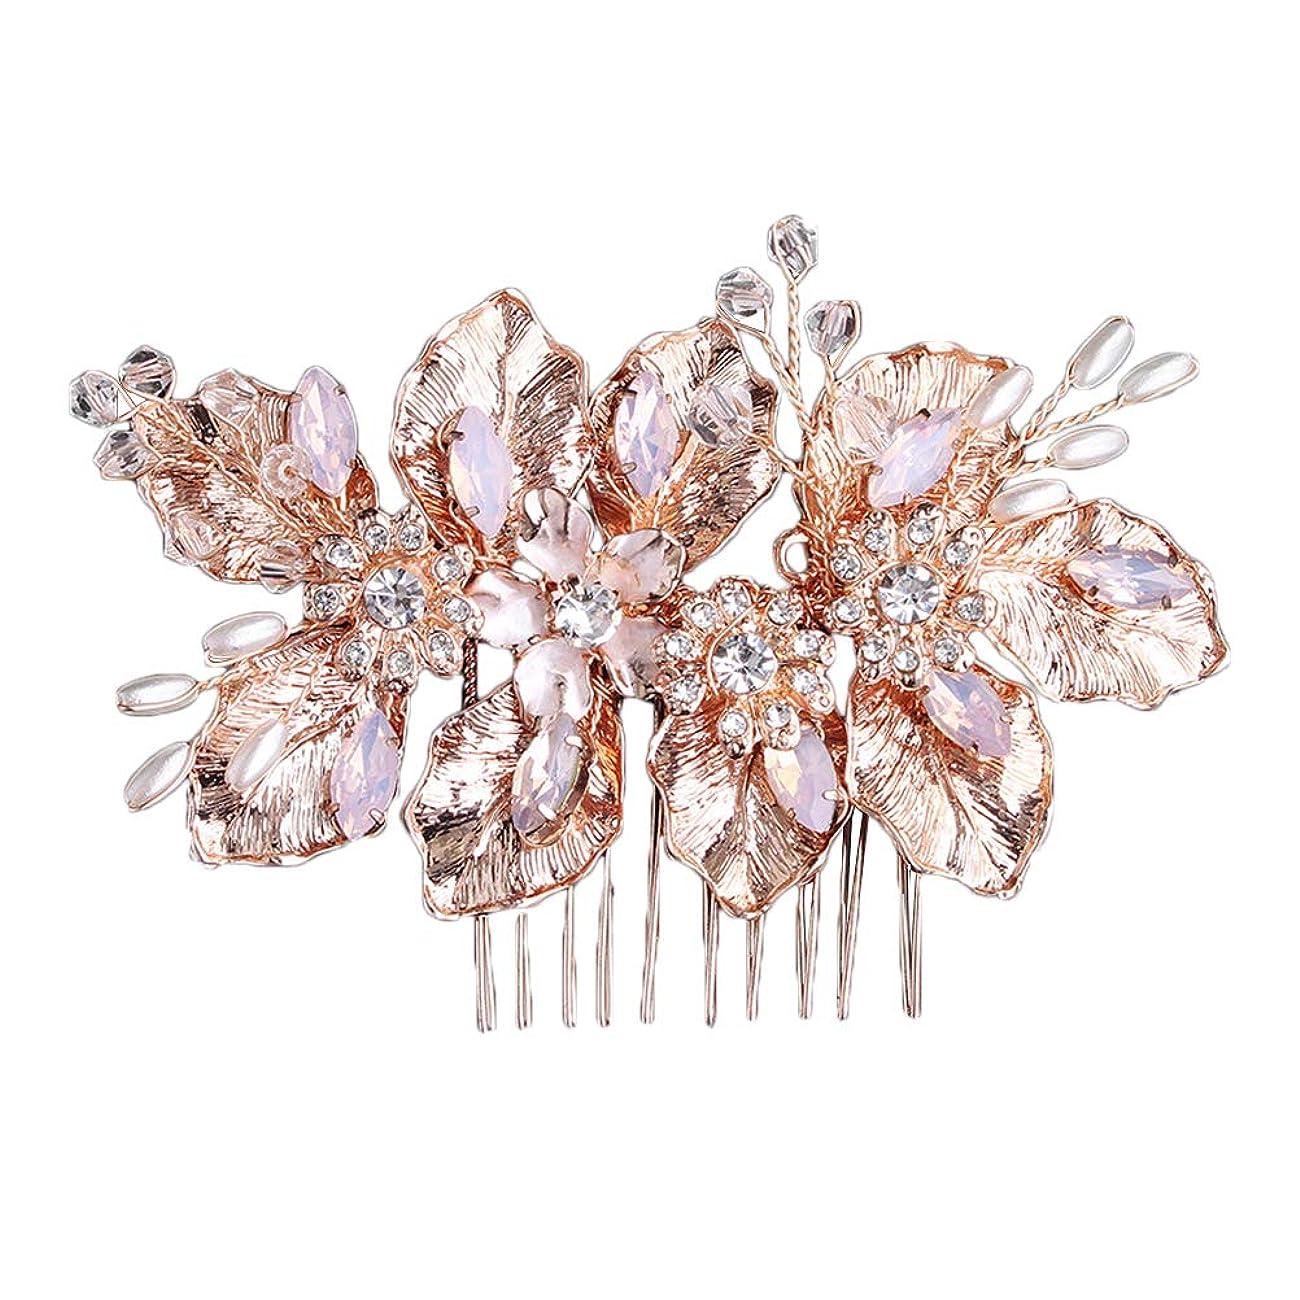 勝者ボア笑いLURROSE クリスタルラインストーンヘアコームのかかった真珠ビーズダイヤモンドヘアピース合金の花のヘッドドレス手作りティアラウェディングブライダルヘアアクセサリーヘアピン用女性装飾ギフト